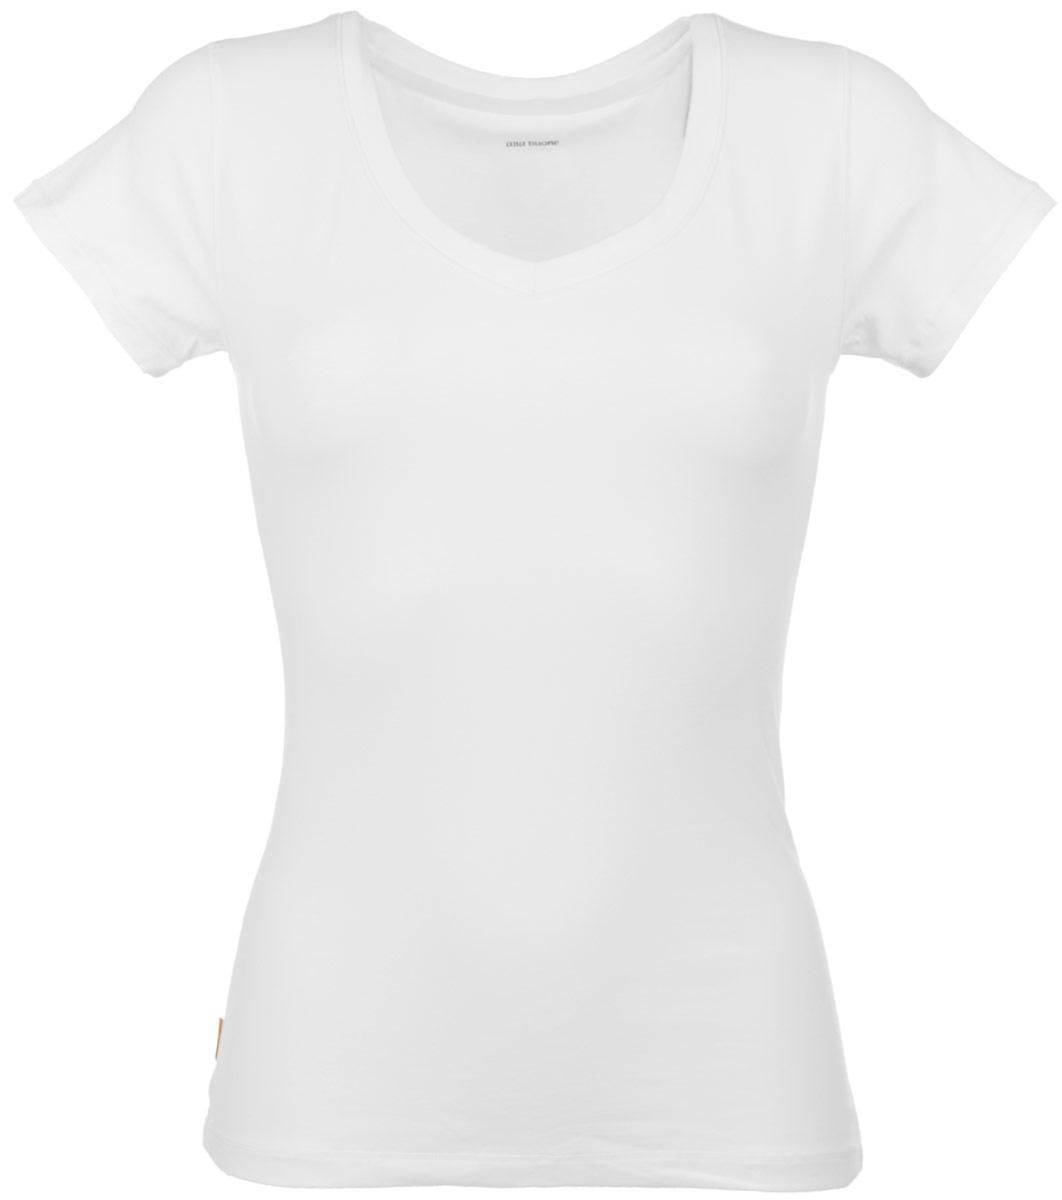 Футболка женская Liscio. 70477047Женская футболка Alla Buone Liscio, выполненная из эластичного хлопка, идеально подойдет для повседневной носки. Материал изделия мягкий, тактильно приятный, не сковывает движения и позволяет коже дышать. Футболка с V-образным вырезом горловины и короткими рукавами имеет слегка приталенный силуэт. Вырез горловины оформлен мягкой окантовочной лентой. Изделие дополнено фирменным логотипом, вшитым в боковой шов. Такая модель будет дарить вам комфорт в течение всего дня и станет отличным дополнением к вашему гардеробу.